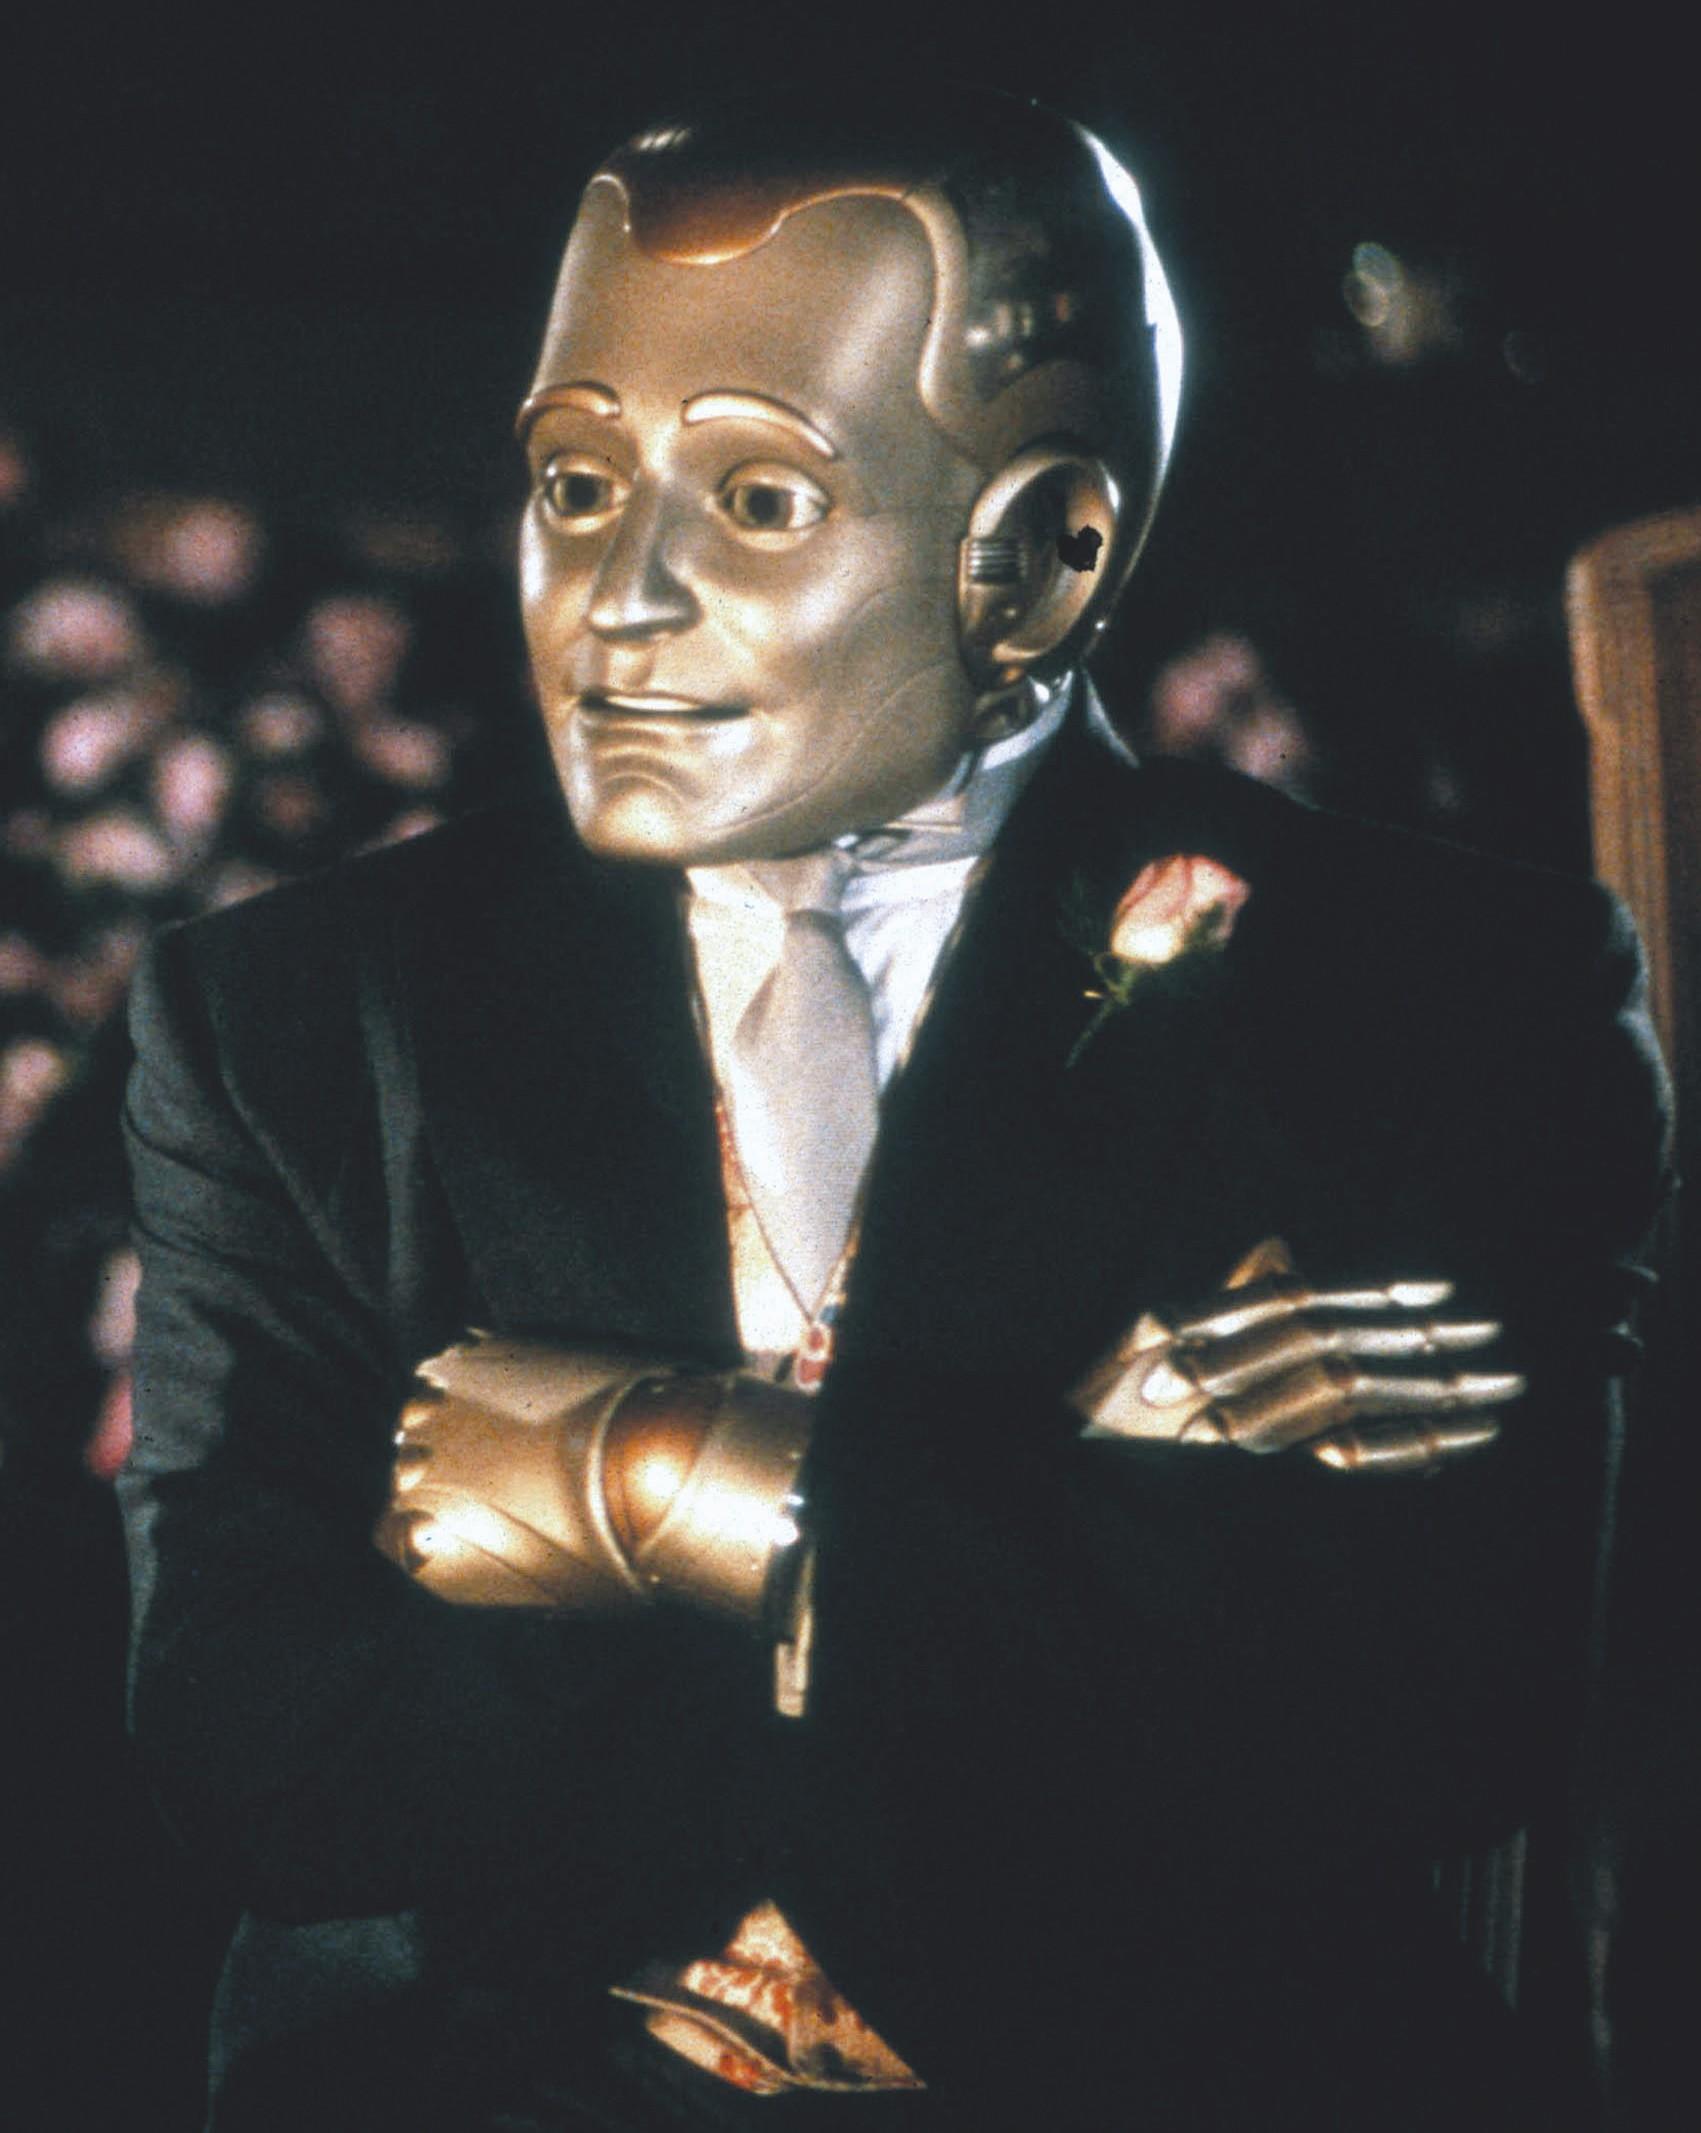 Robin Williams dans L'Homme bicentenaire, film de Chris Columbus, 1999, d'après la nouvelle éponyme d'Isaac Asimov